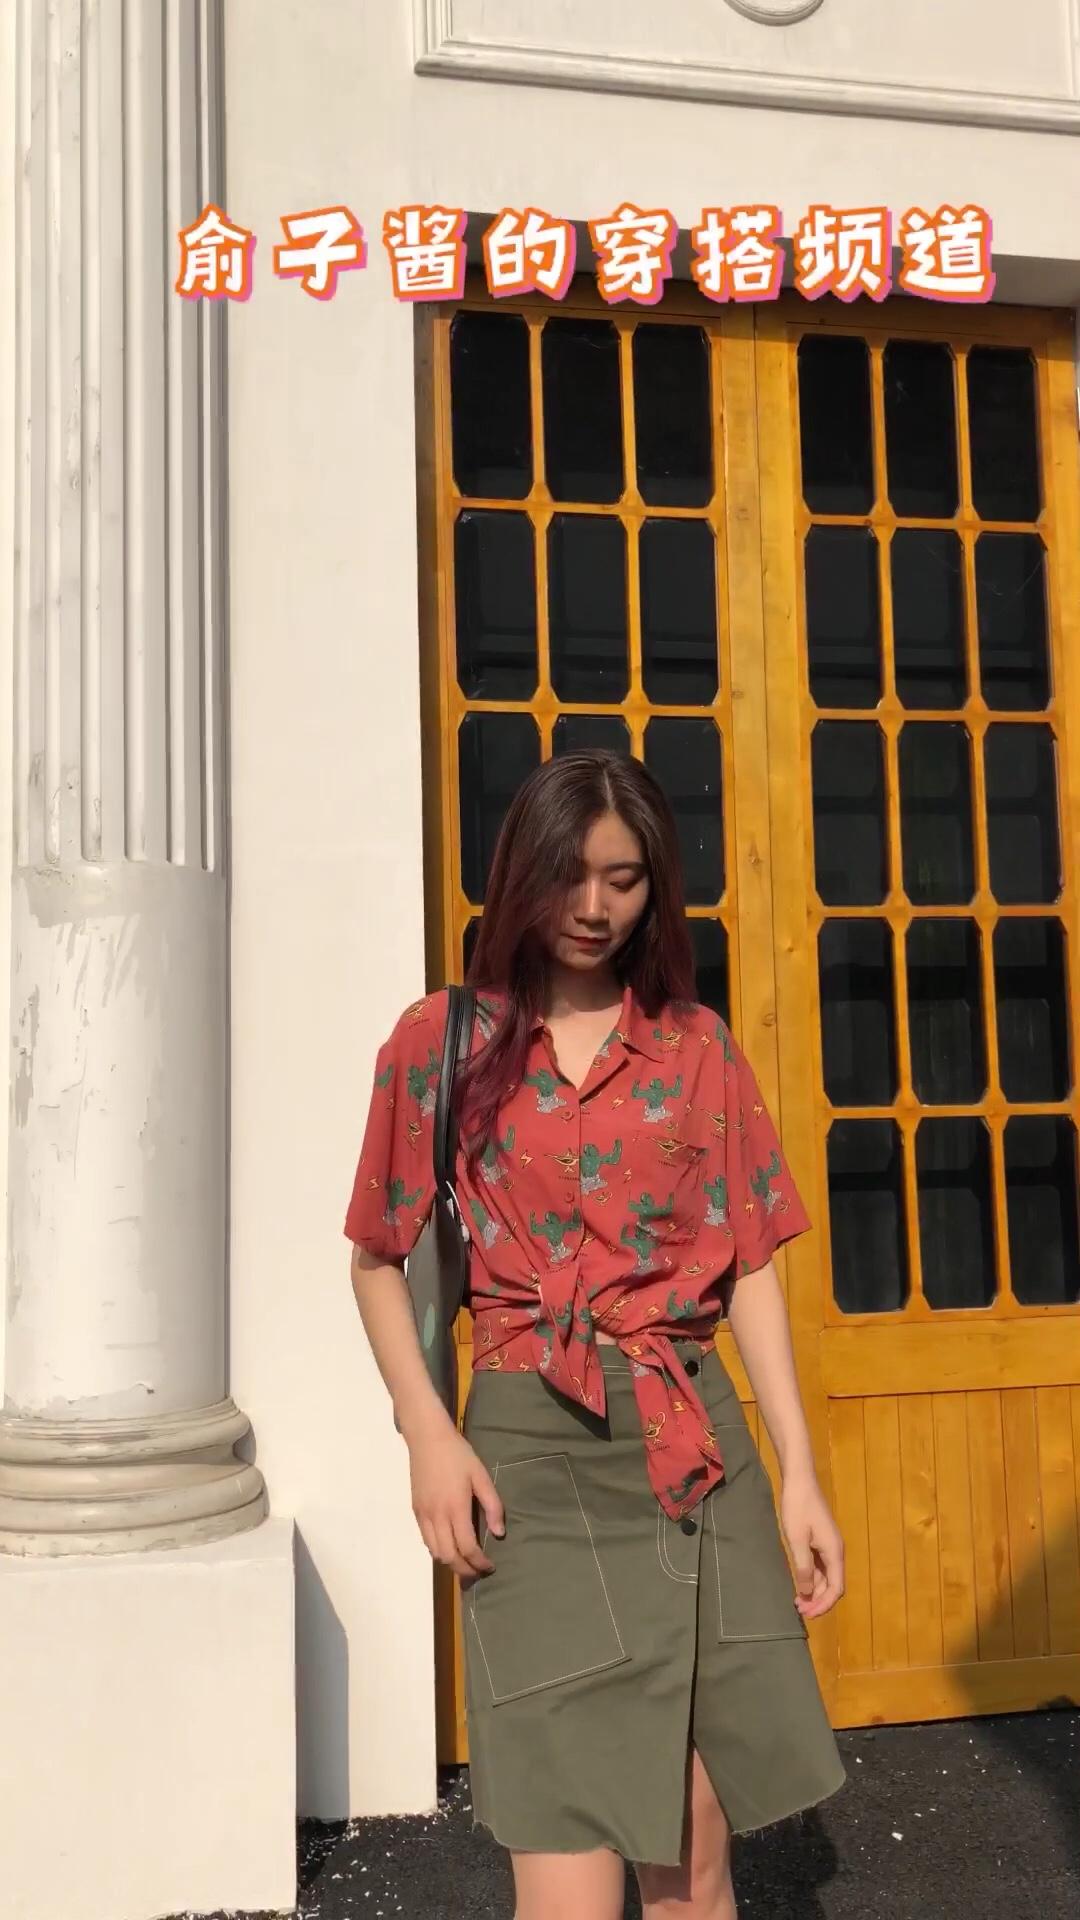 #Forever Only young#  很特别的撞色穿搭还蛮可爱有活力的搭配哦 衬衫上的绿色图案和半裙相呼应 所以一点也不突兀 将衬衫搭一个结 多了几分休闲哦